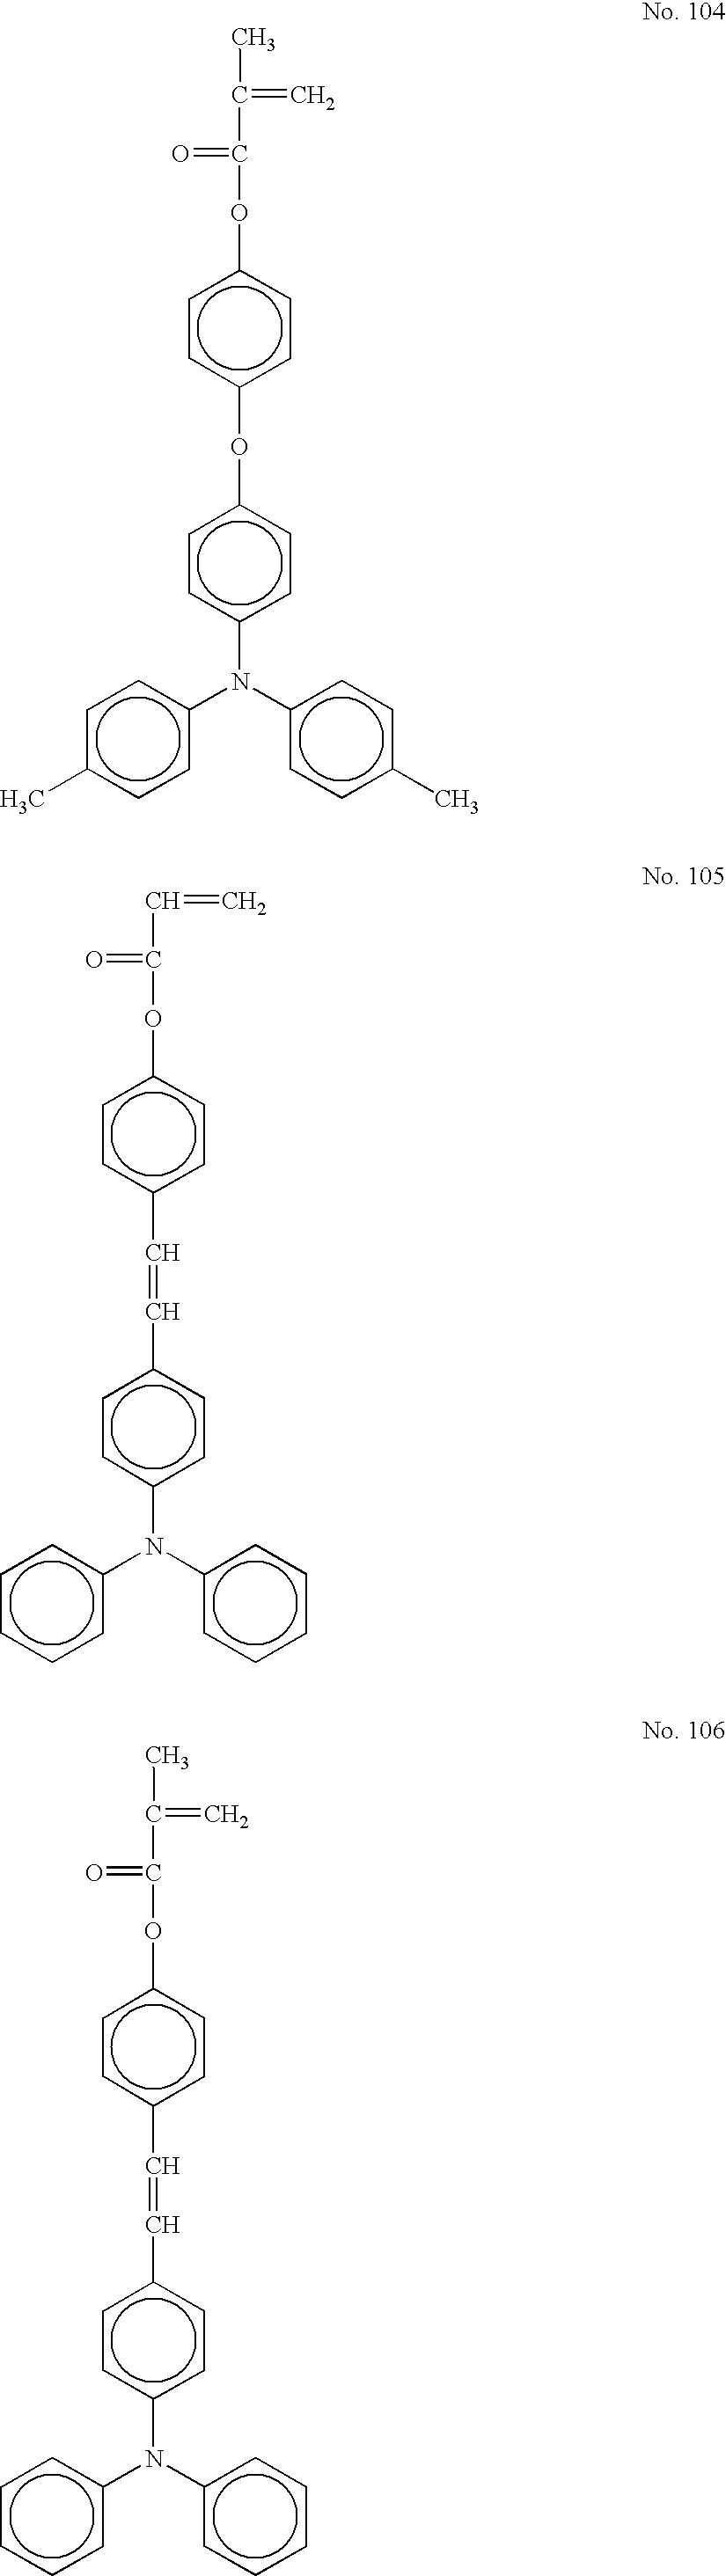 Figure US20100209842A1-20100819-C00038